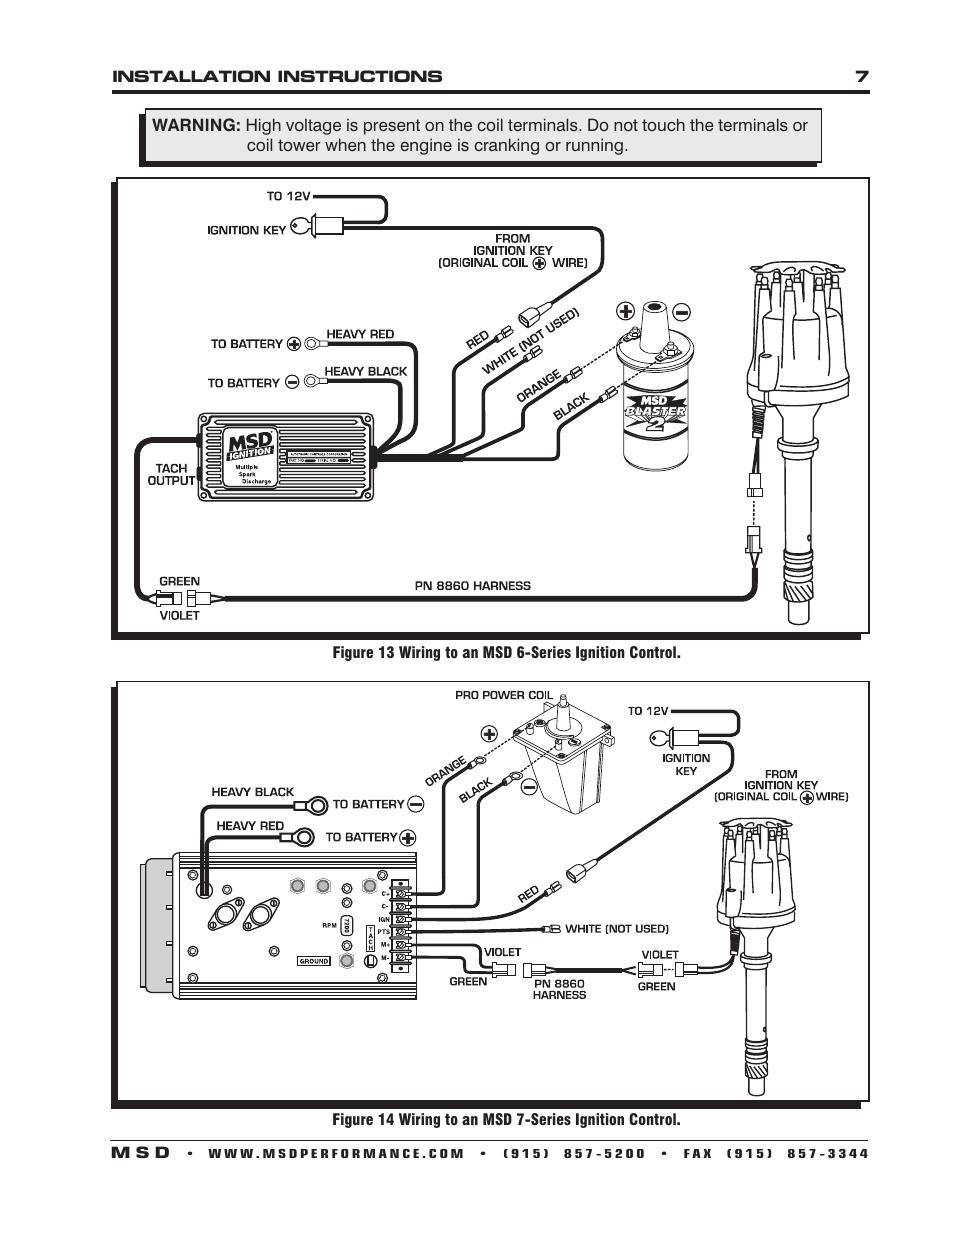 hight resolution of msd 85551 wiring diagram wiring diagram name msd pro billet distributor wiring diagram msd 85551 wiring